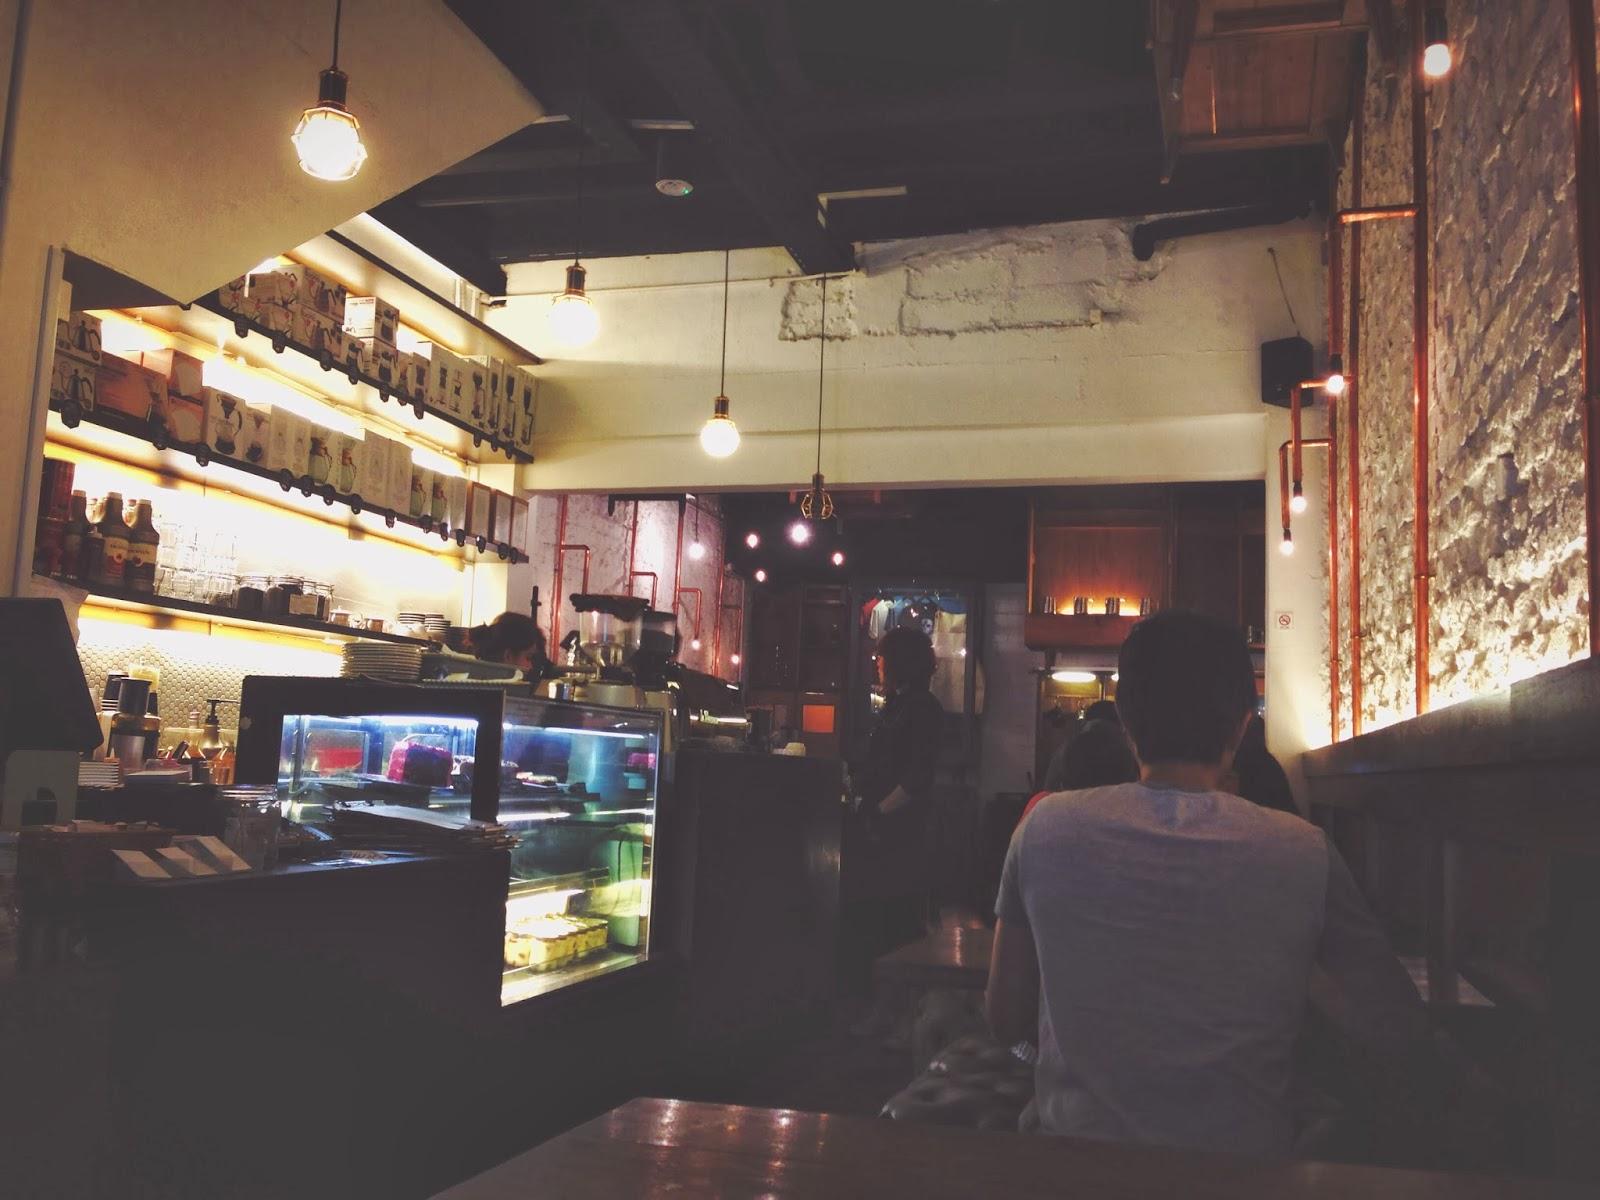 Maison Ikkoku Cafe Kandahar Street